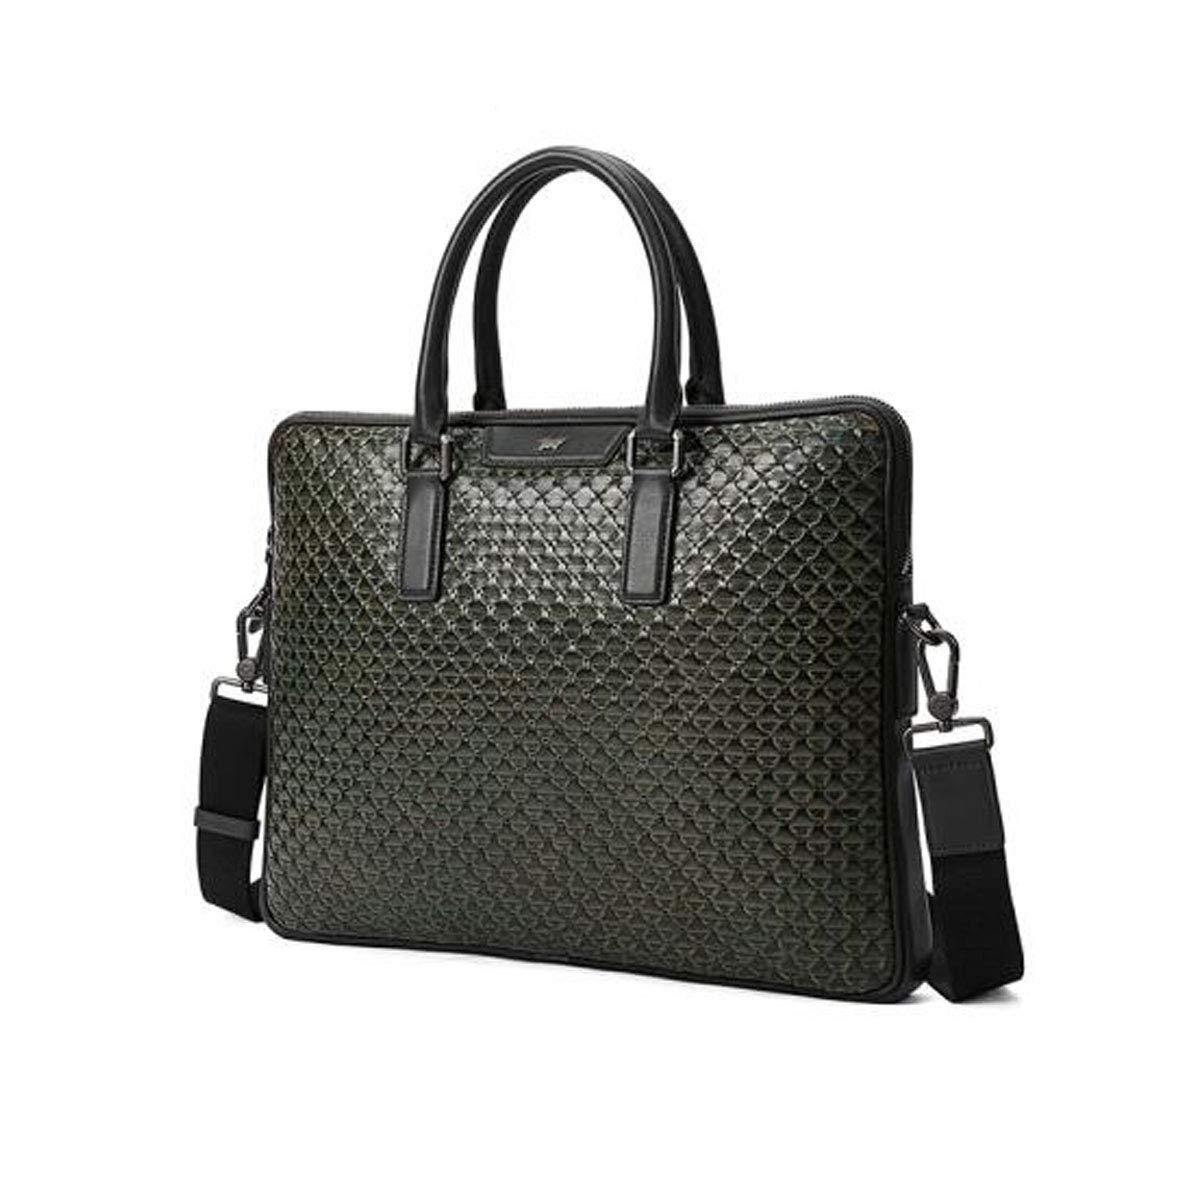 Hengxiang メッセンジャーバッグ、ラップトップブリーフケース、メンズファッション織りパターン、レザーポータブルビジネスコンピュータバッグ、グリーンサイズ:39.54.830cm ビジネスオフィスメッセンジャーバッグ(色:ピンク)   B07PCQ1DL1